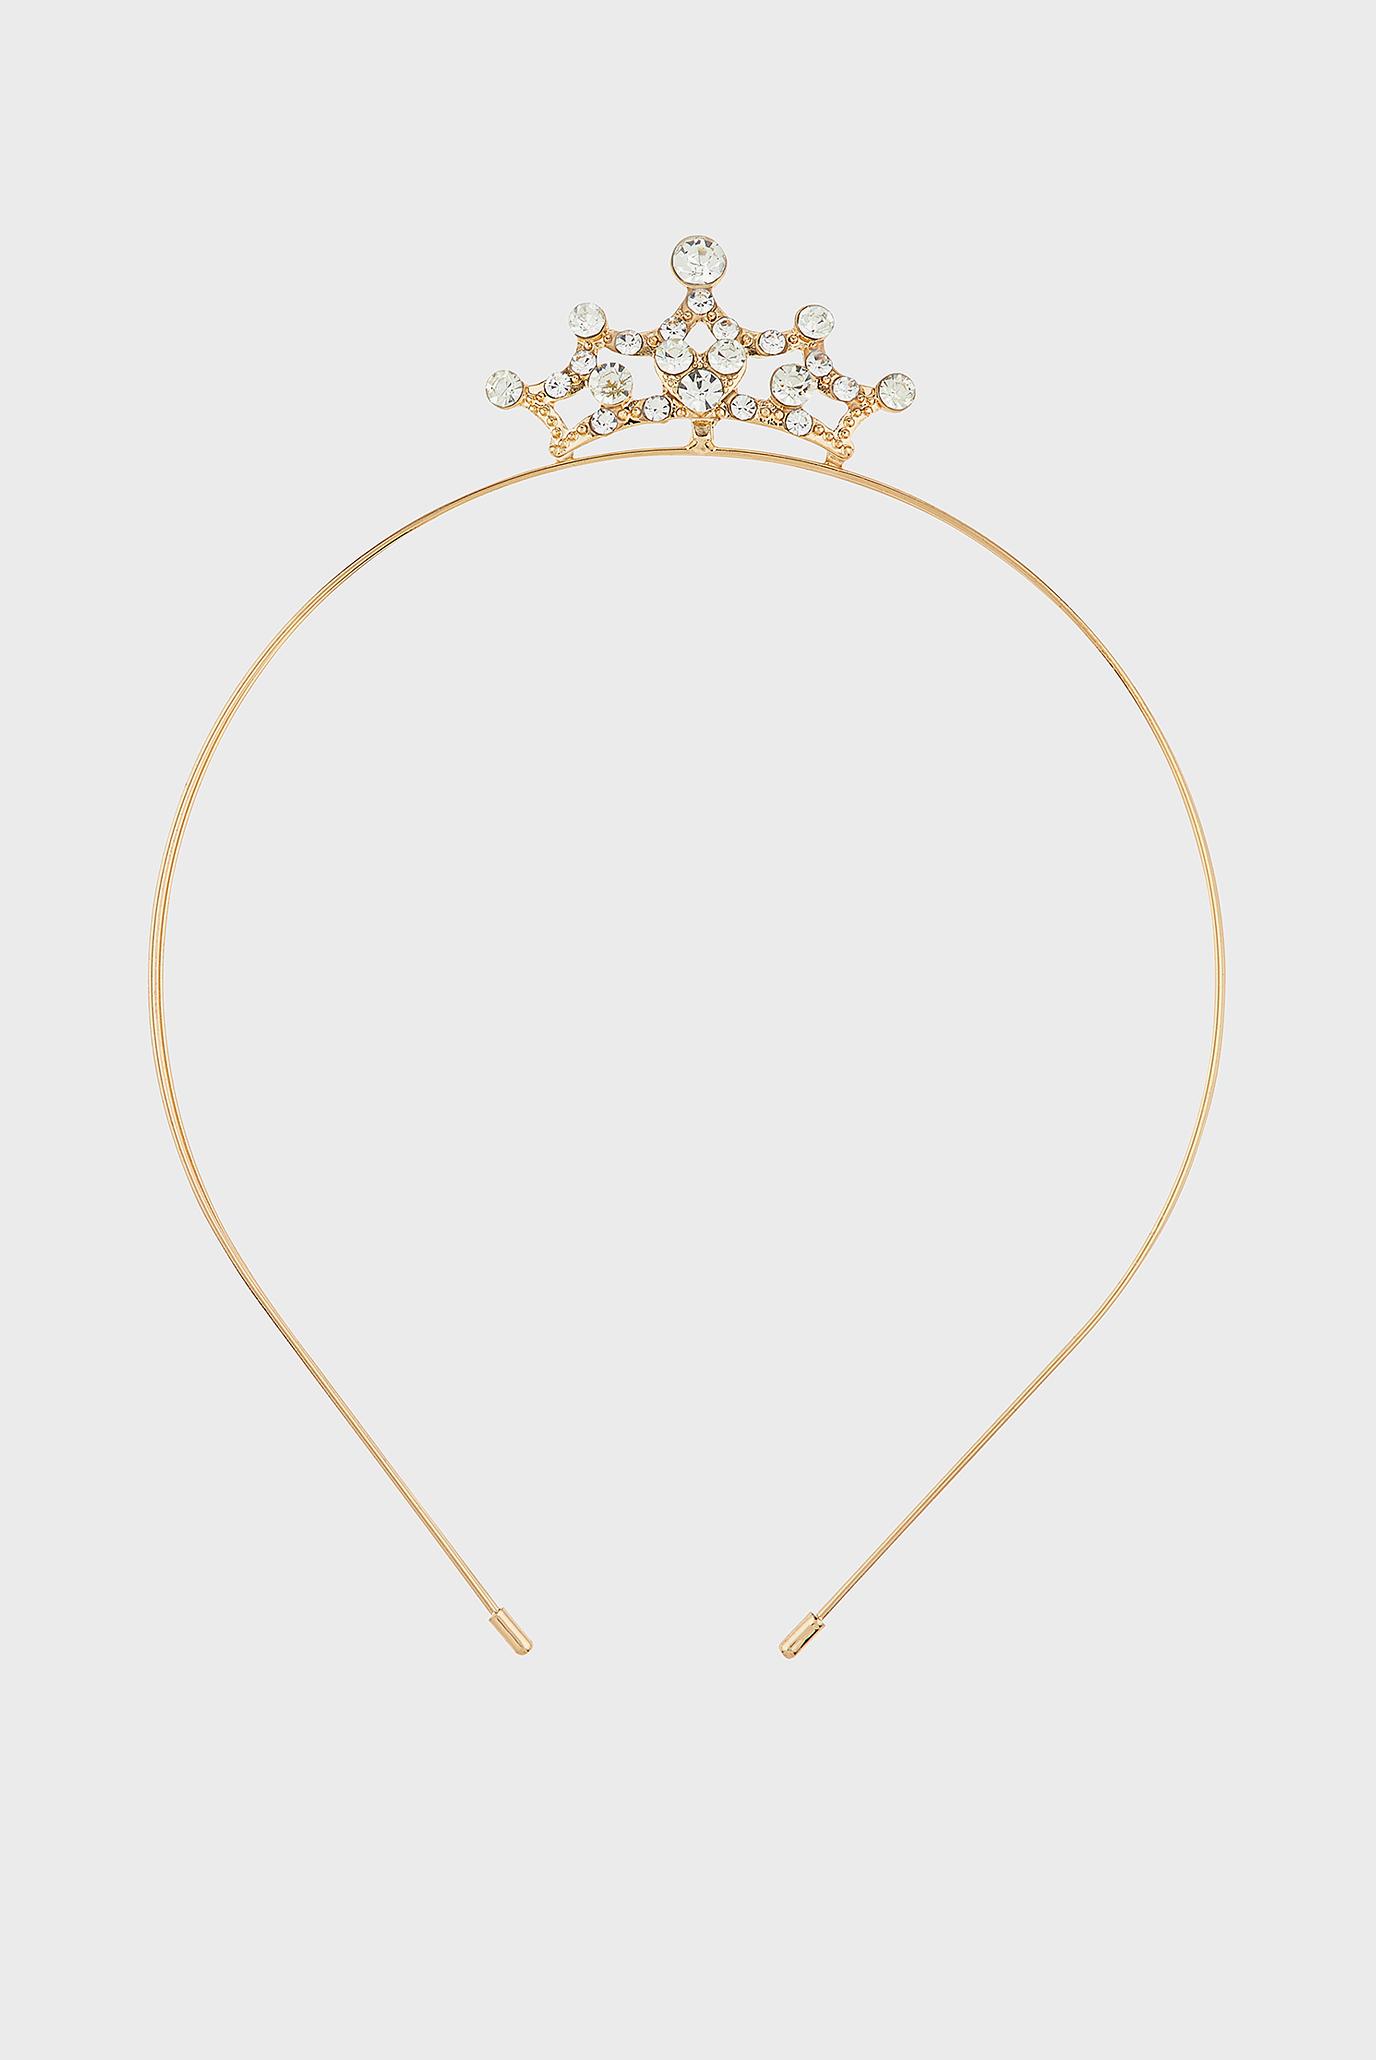 Купить Детский золотистый обруч GOLD TIARA ALICE  Accessorize Accessorize 683193 – Киев, Украина. Цены в интернет магазине MD Fashion